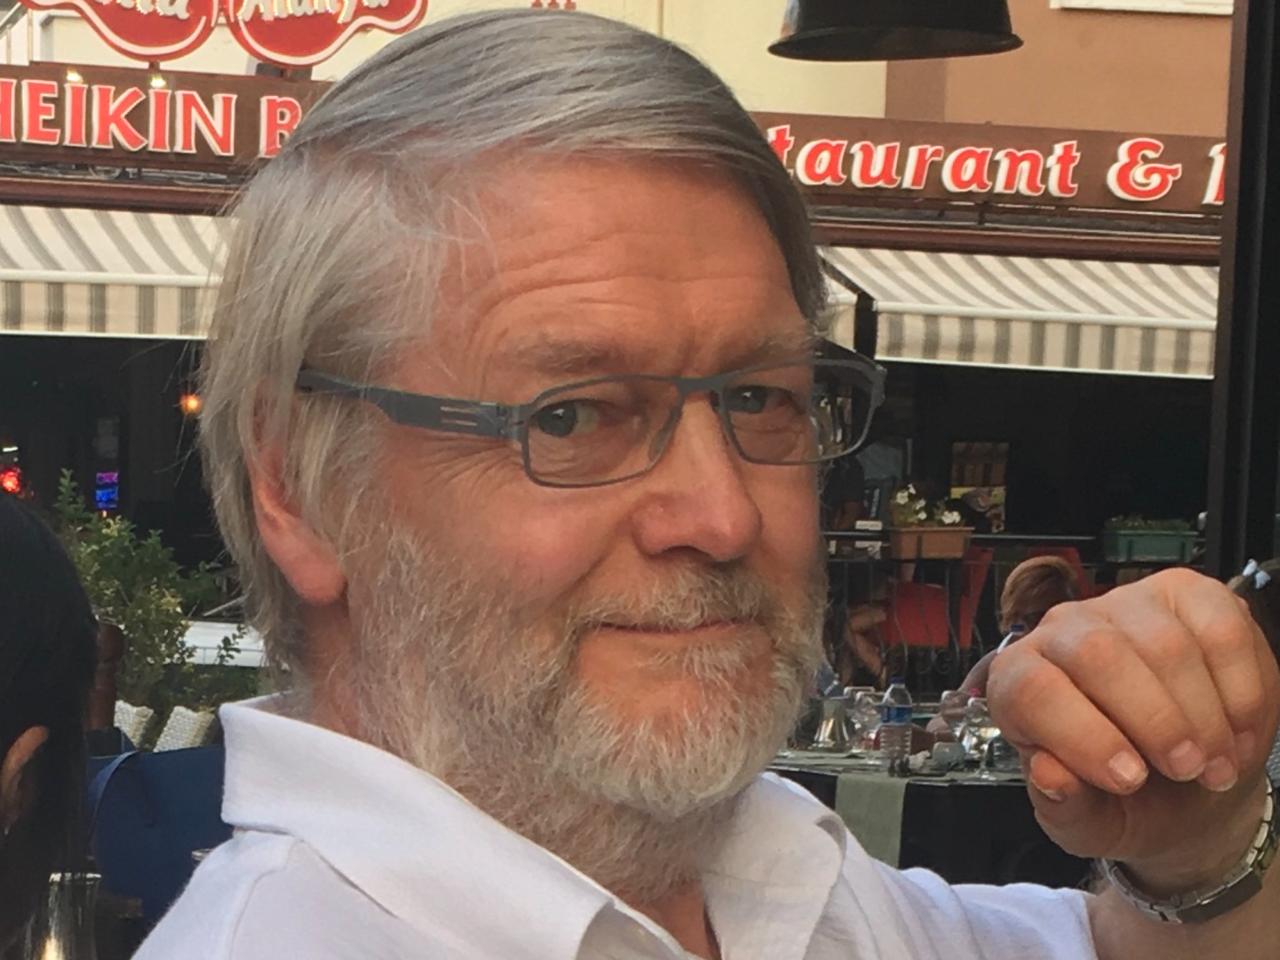 Lars Billgren bor i Alanya med sin fru sedan flera år tillbaka.